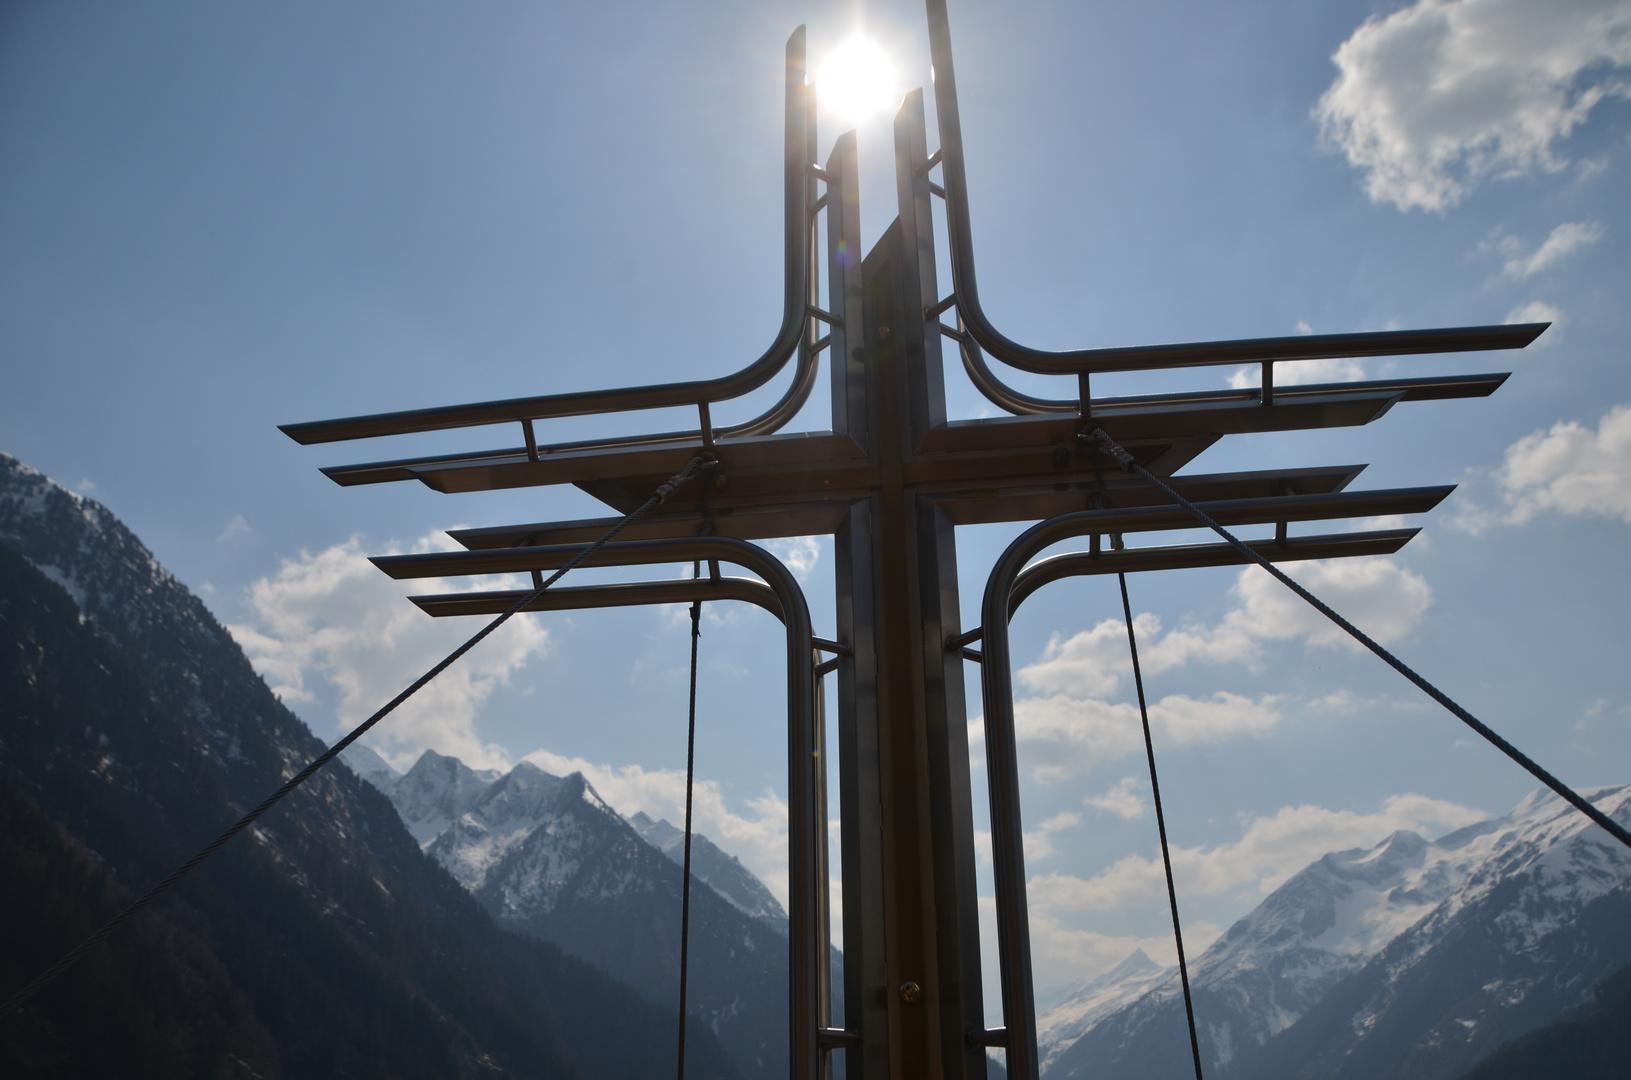 Gipfelkreuz am Klettersteig